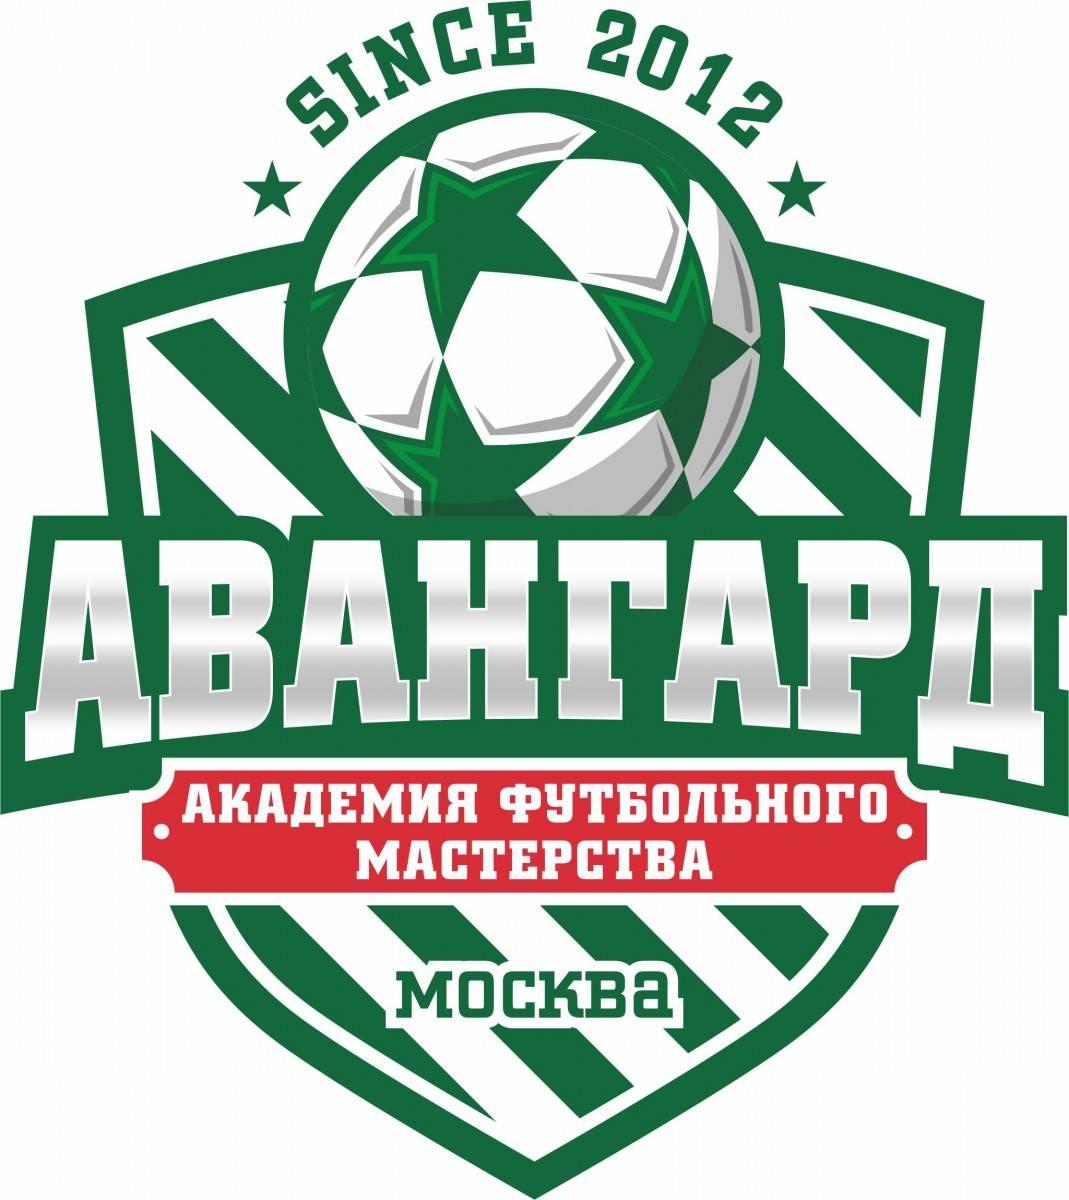 Список футбольных клубов россии по числу выигранных титулов